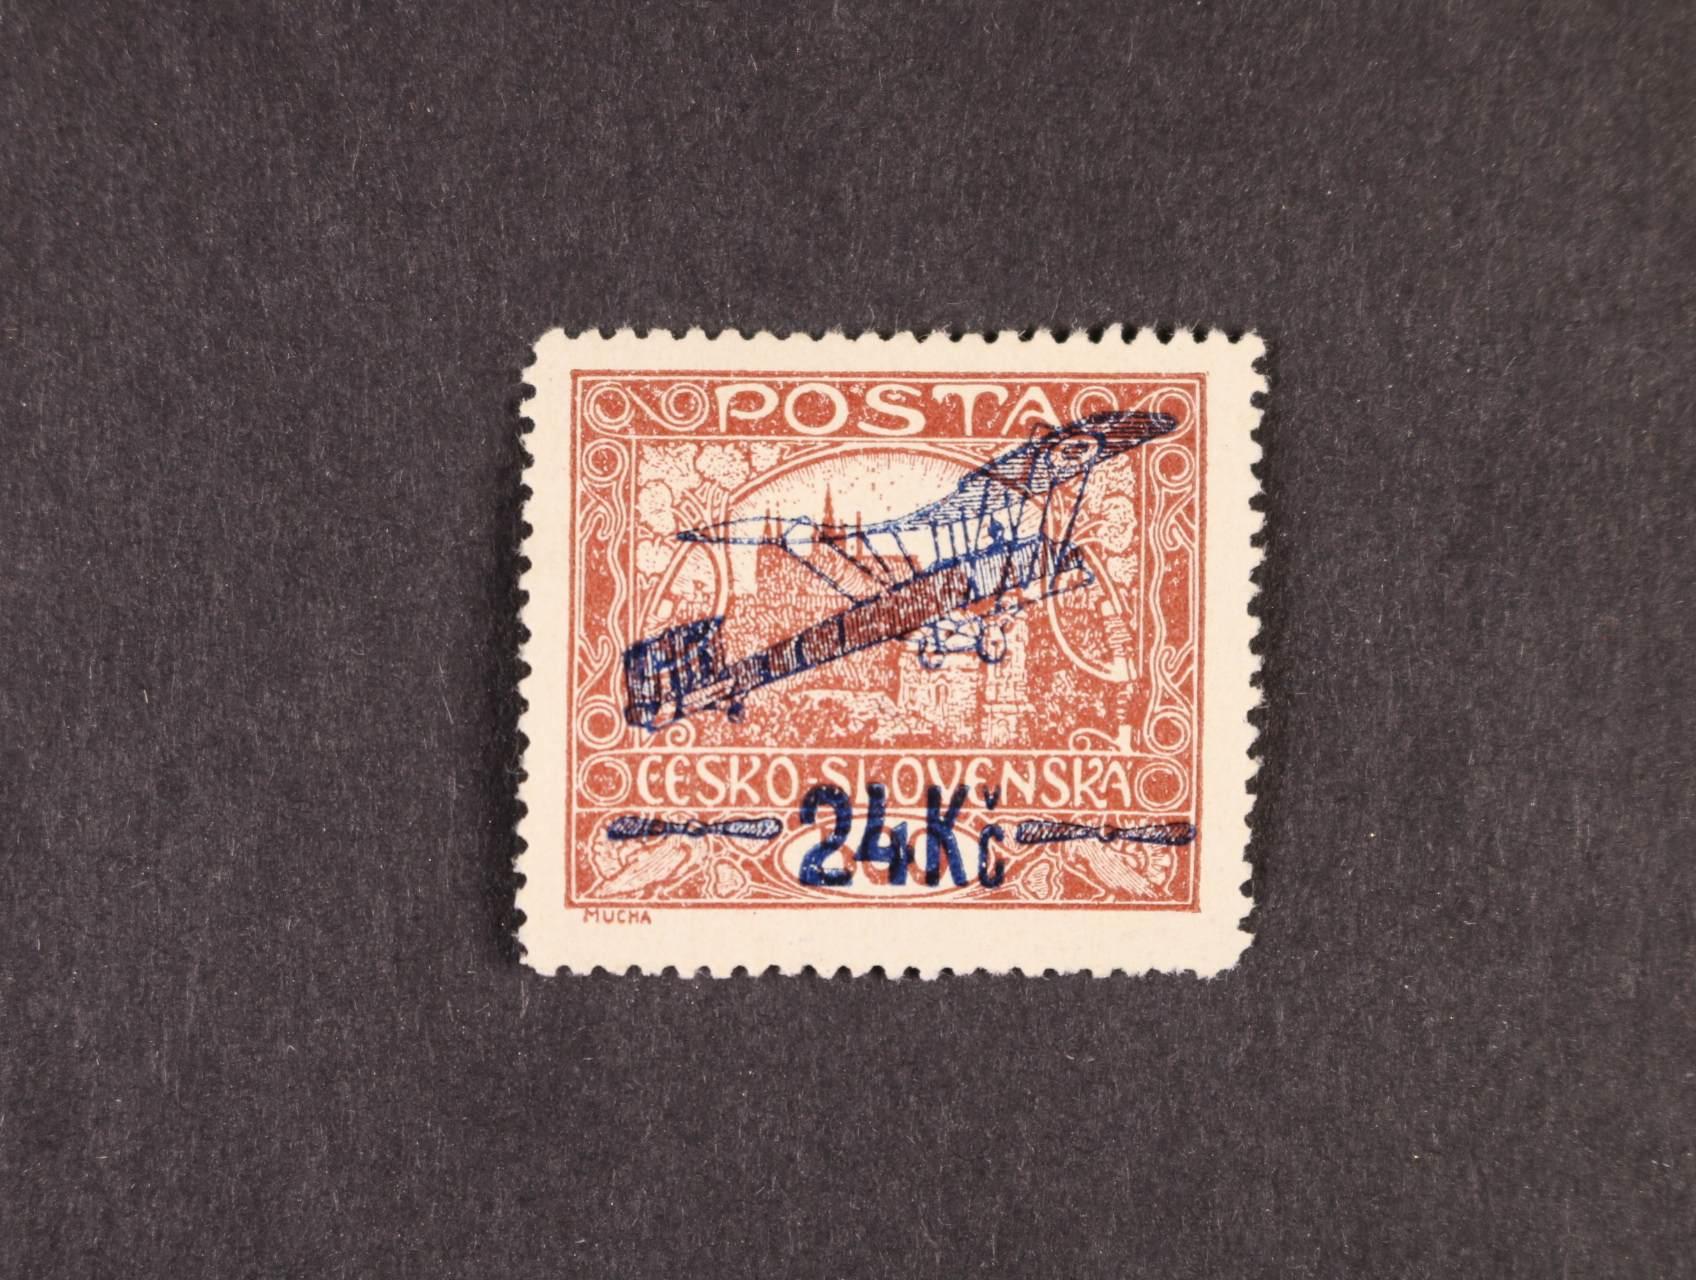 zn. L č. 2 A, typ I, TD 2, ZP 32, zk. Gilbert, Mrňík, Vrba, kat. Merkur 85000 Kč